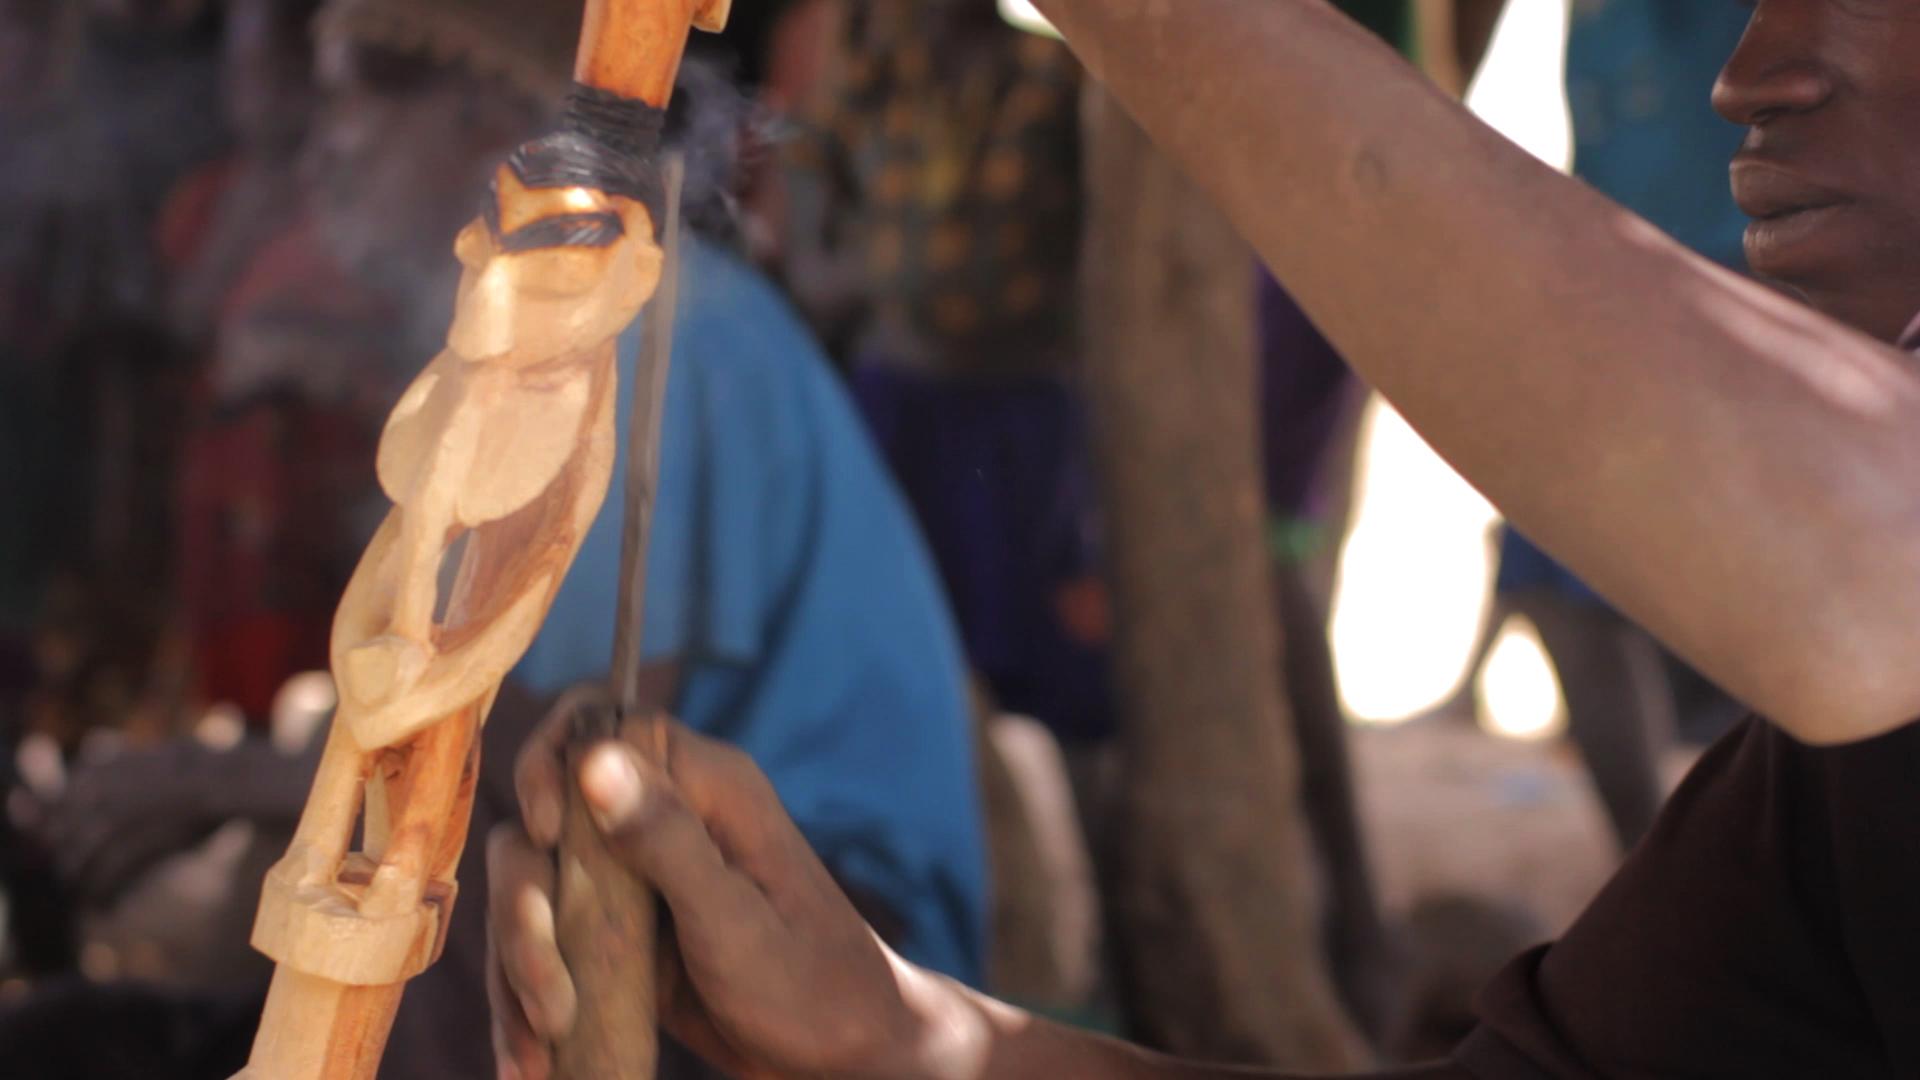 dogon pablocaminante ebanista - Malí 8, País Dogon V: moda, arte y religión